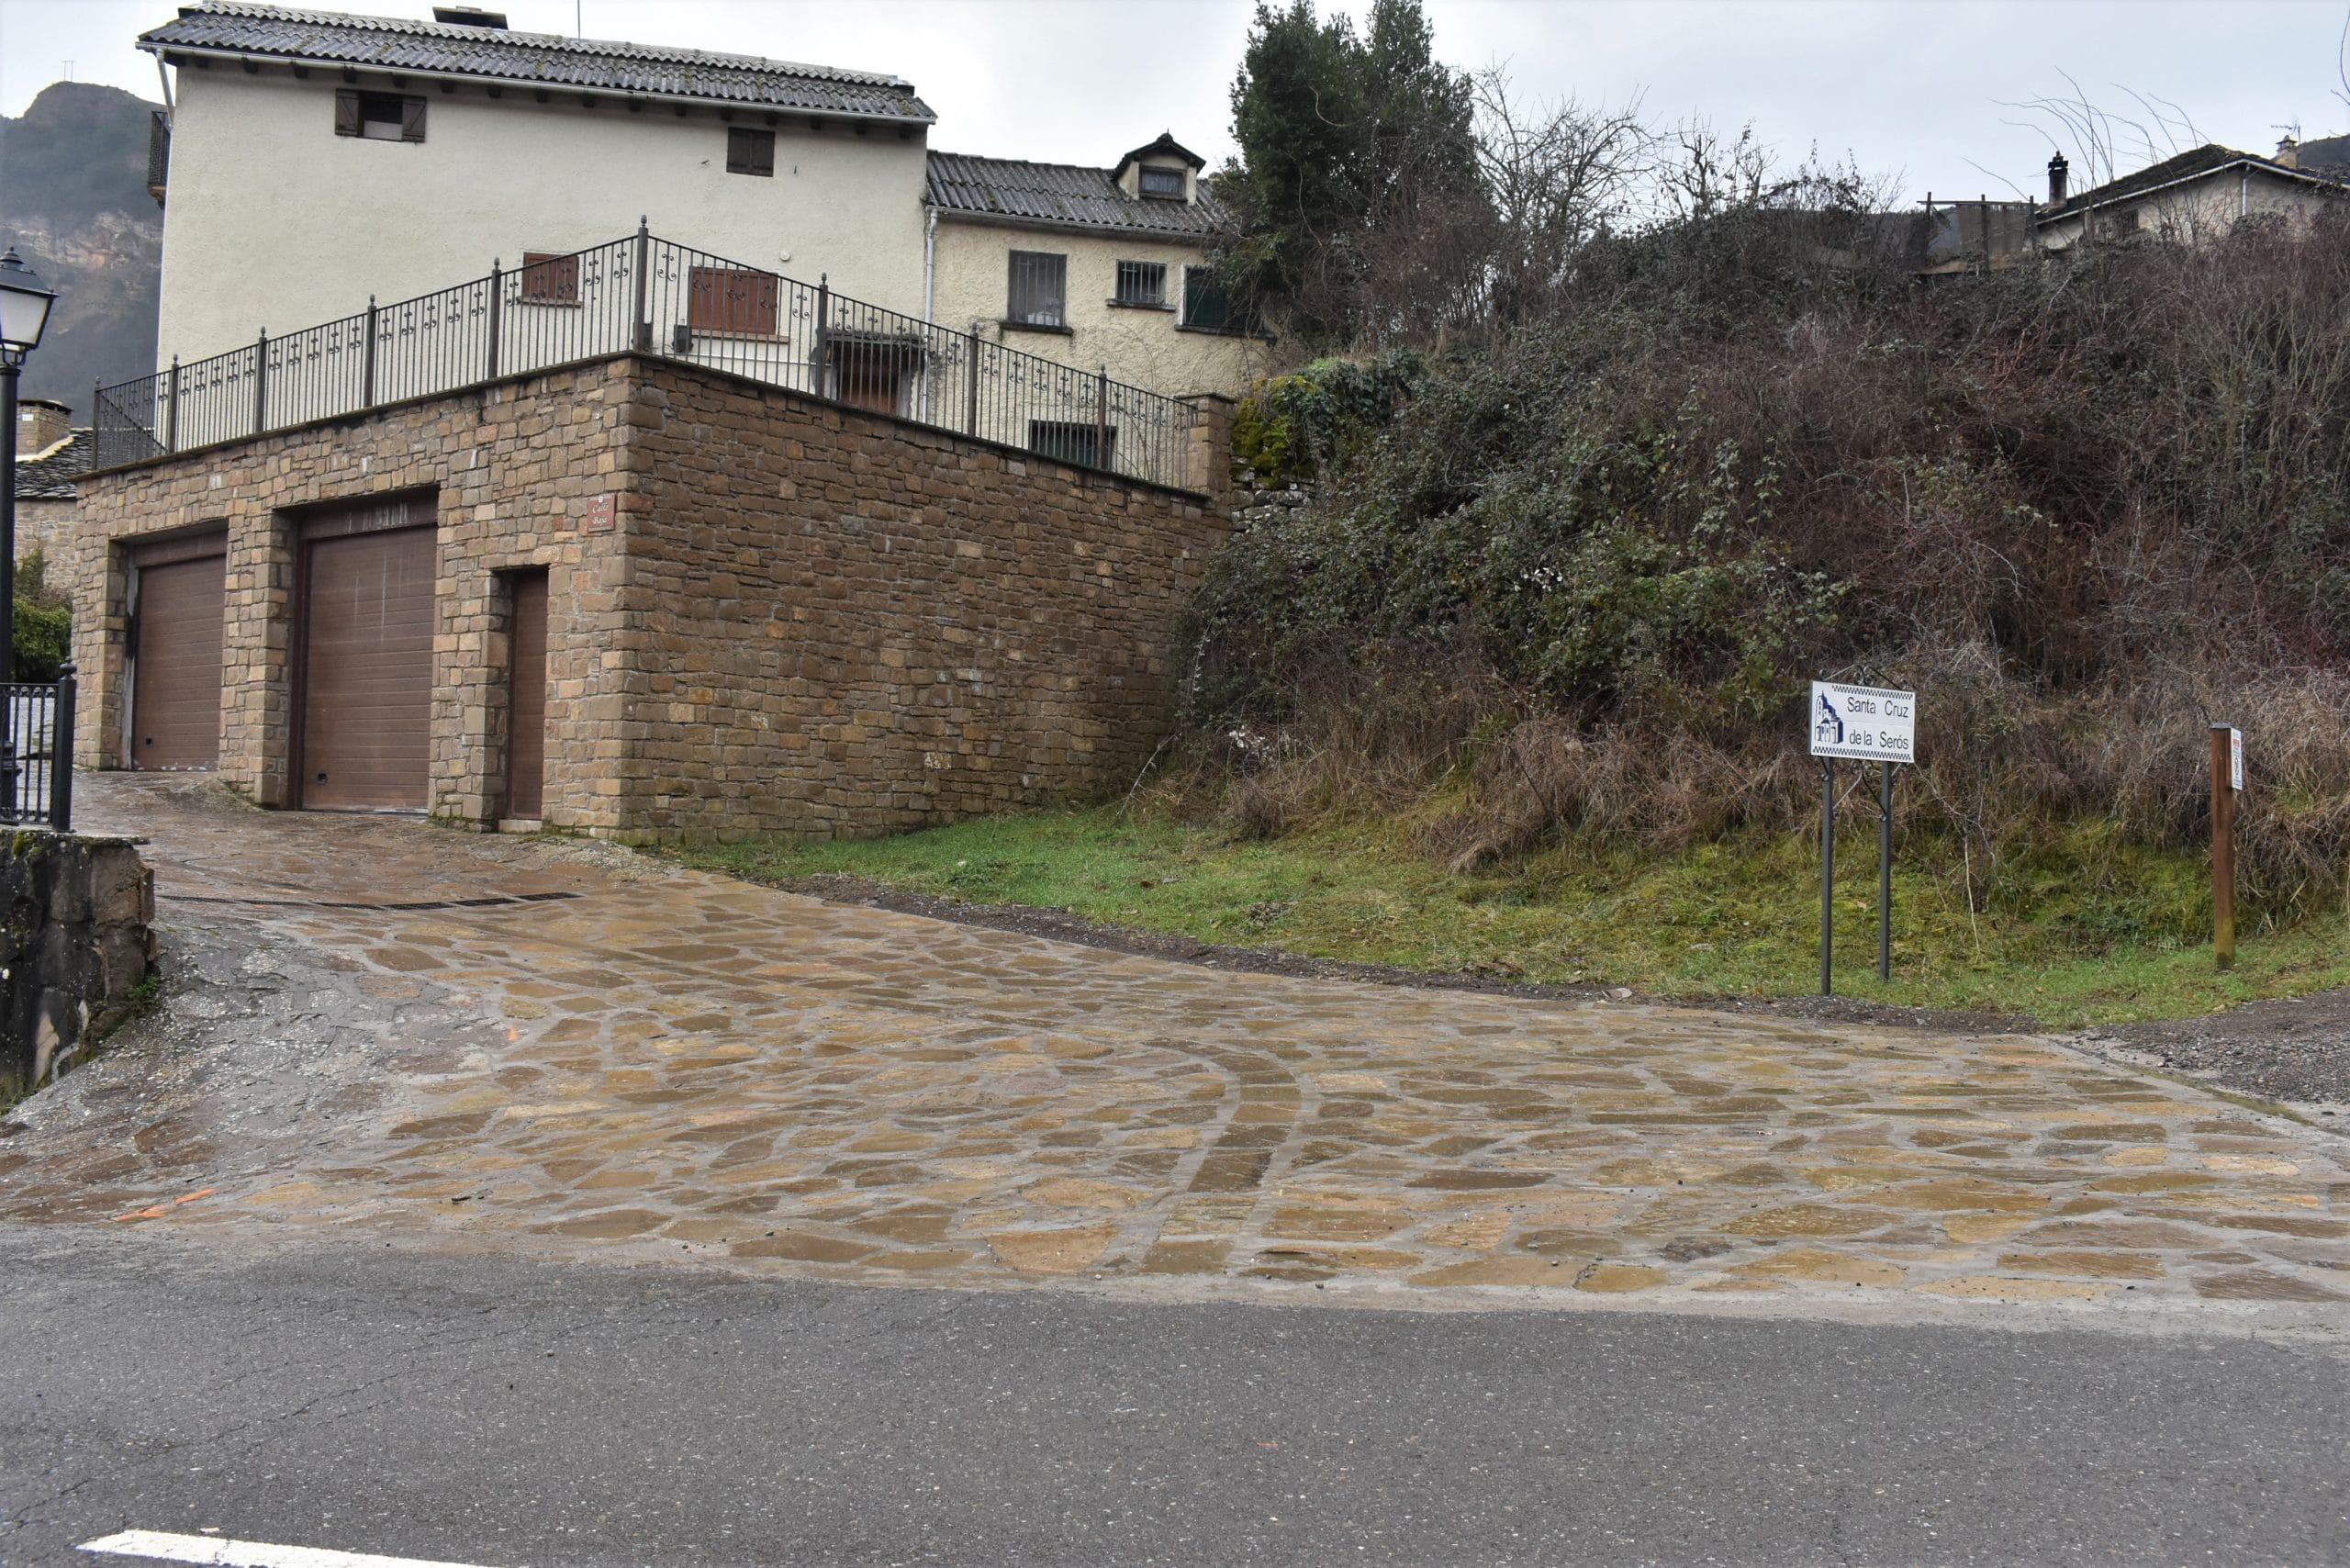 Pavimentación en piedra en Santa Cruz de la Serós